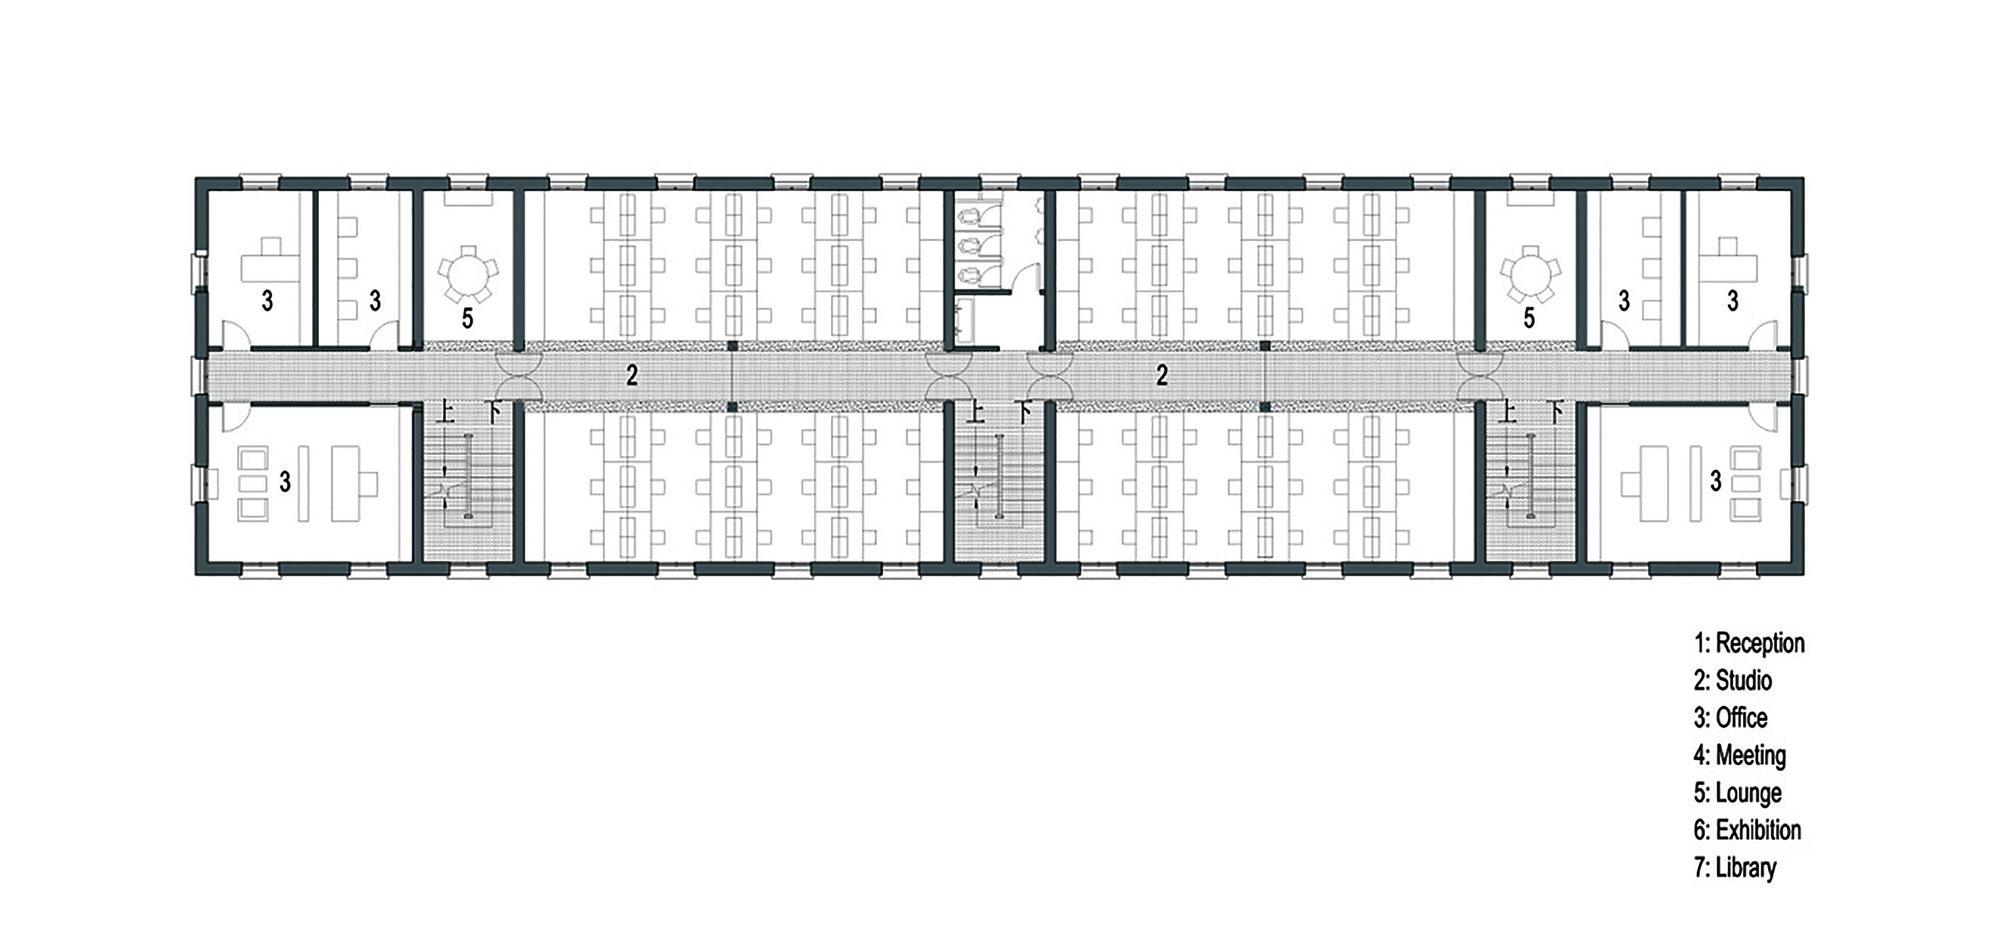 Galer a de estudio de arquitectura en el edificio wujigeng for Plan estudios arquitectura